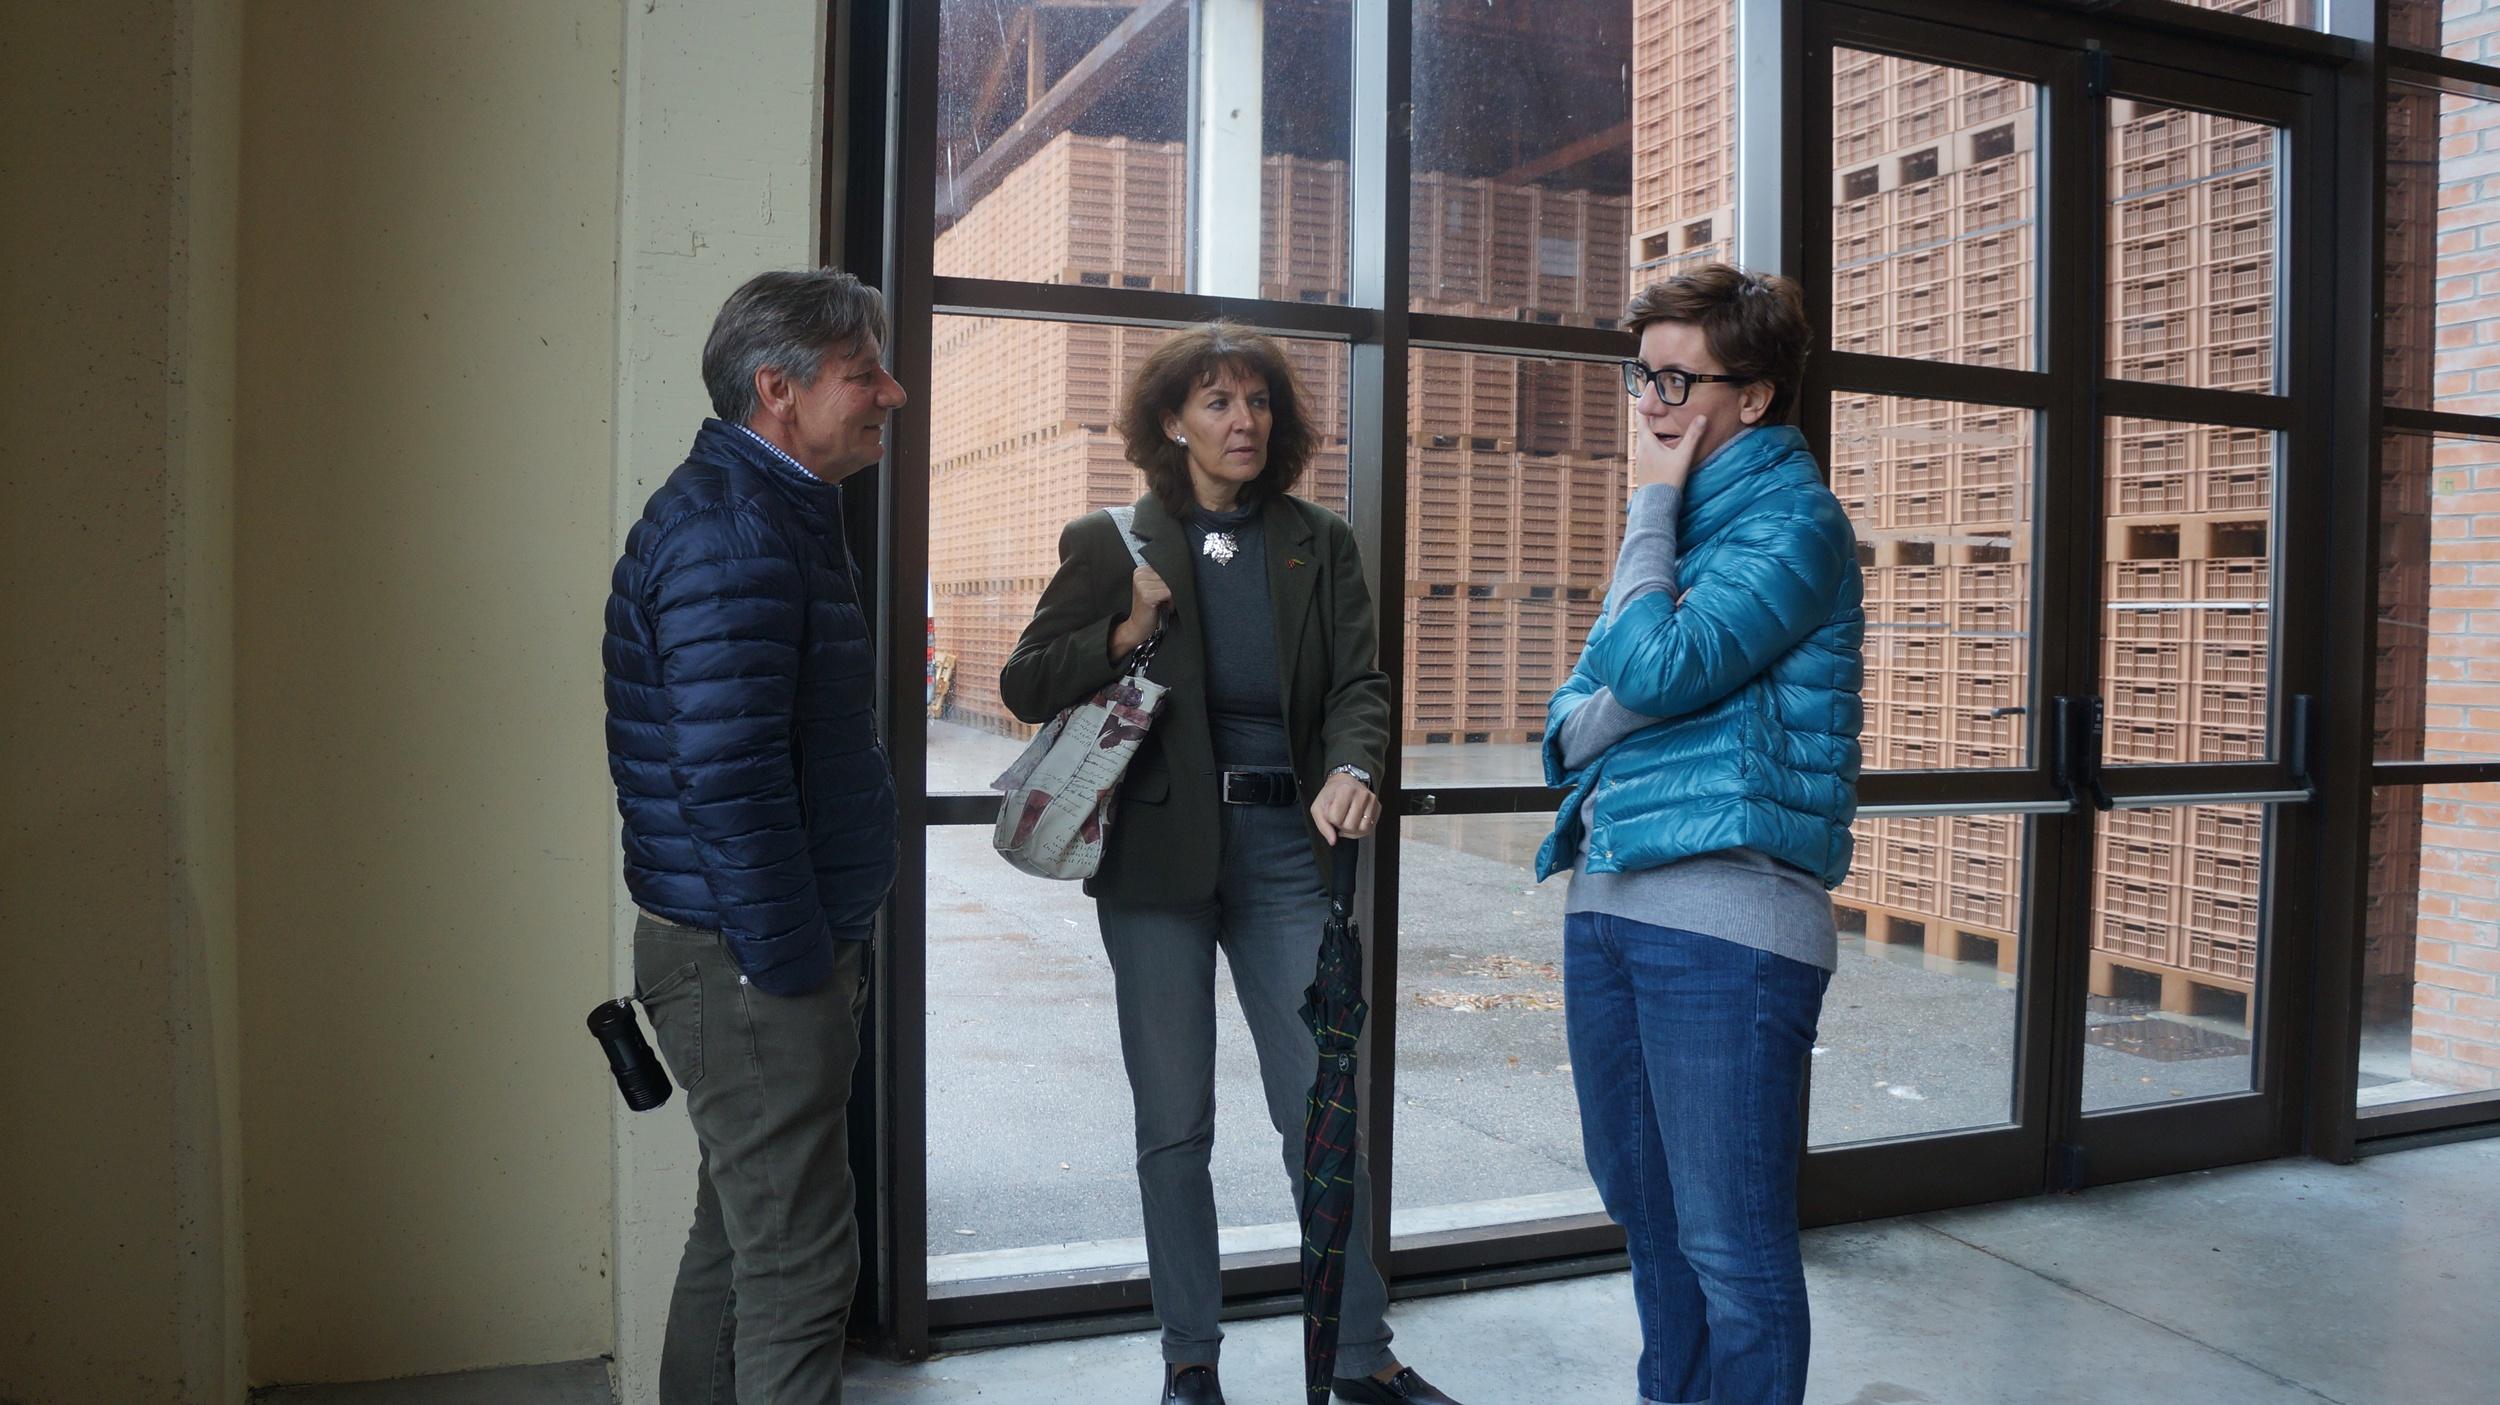 Franco Allegrini (left), Elisabetta Tosi and Silvia Allegrini (right)